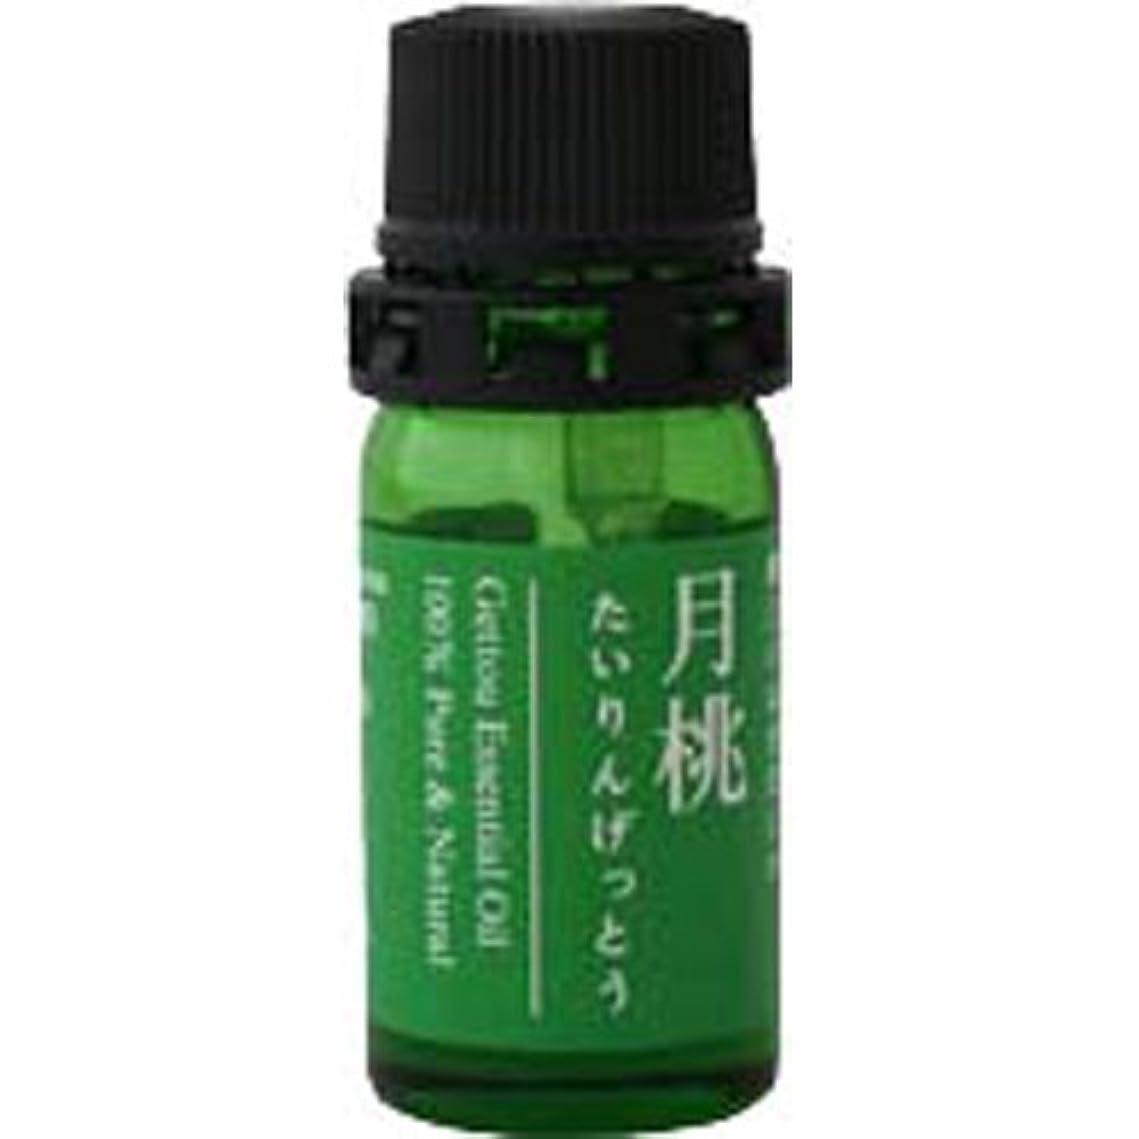 プロトタイプずらす名誉月桃 エッセンシャルオイル (タイリン) 2.5ml